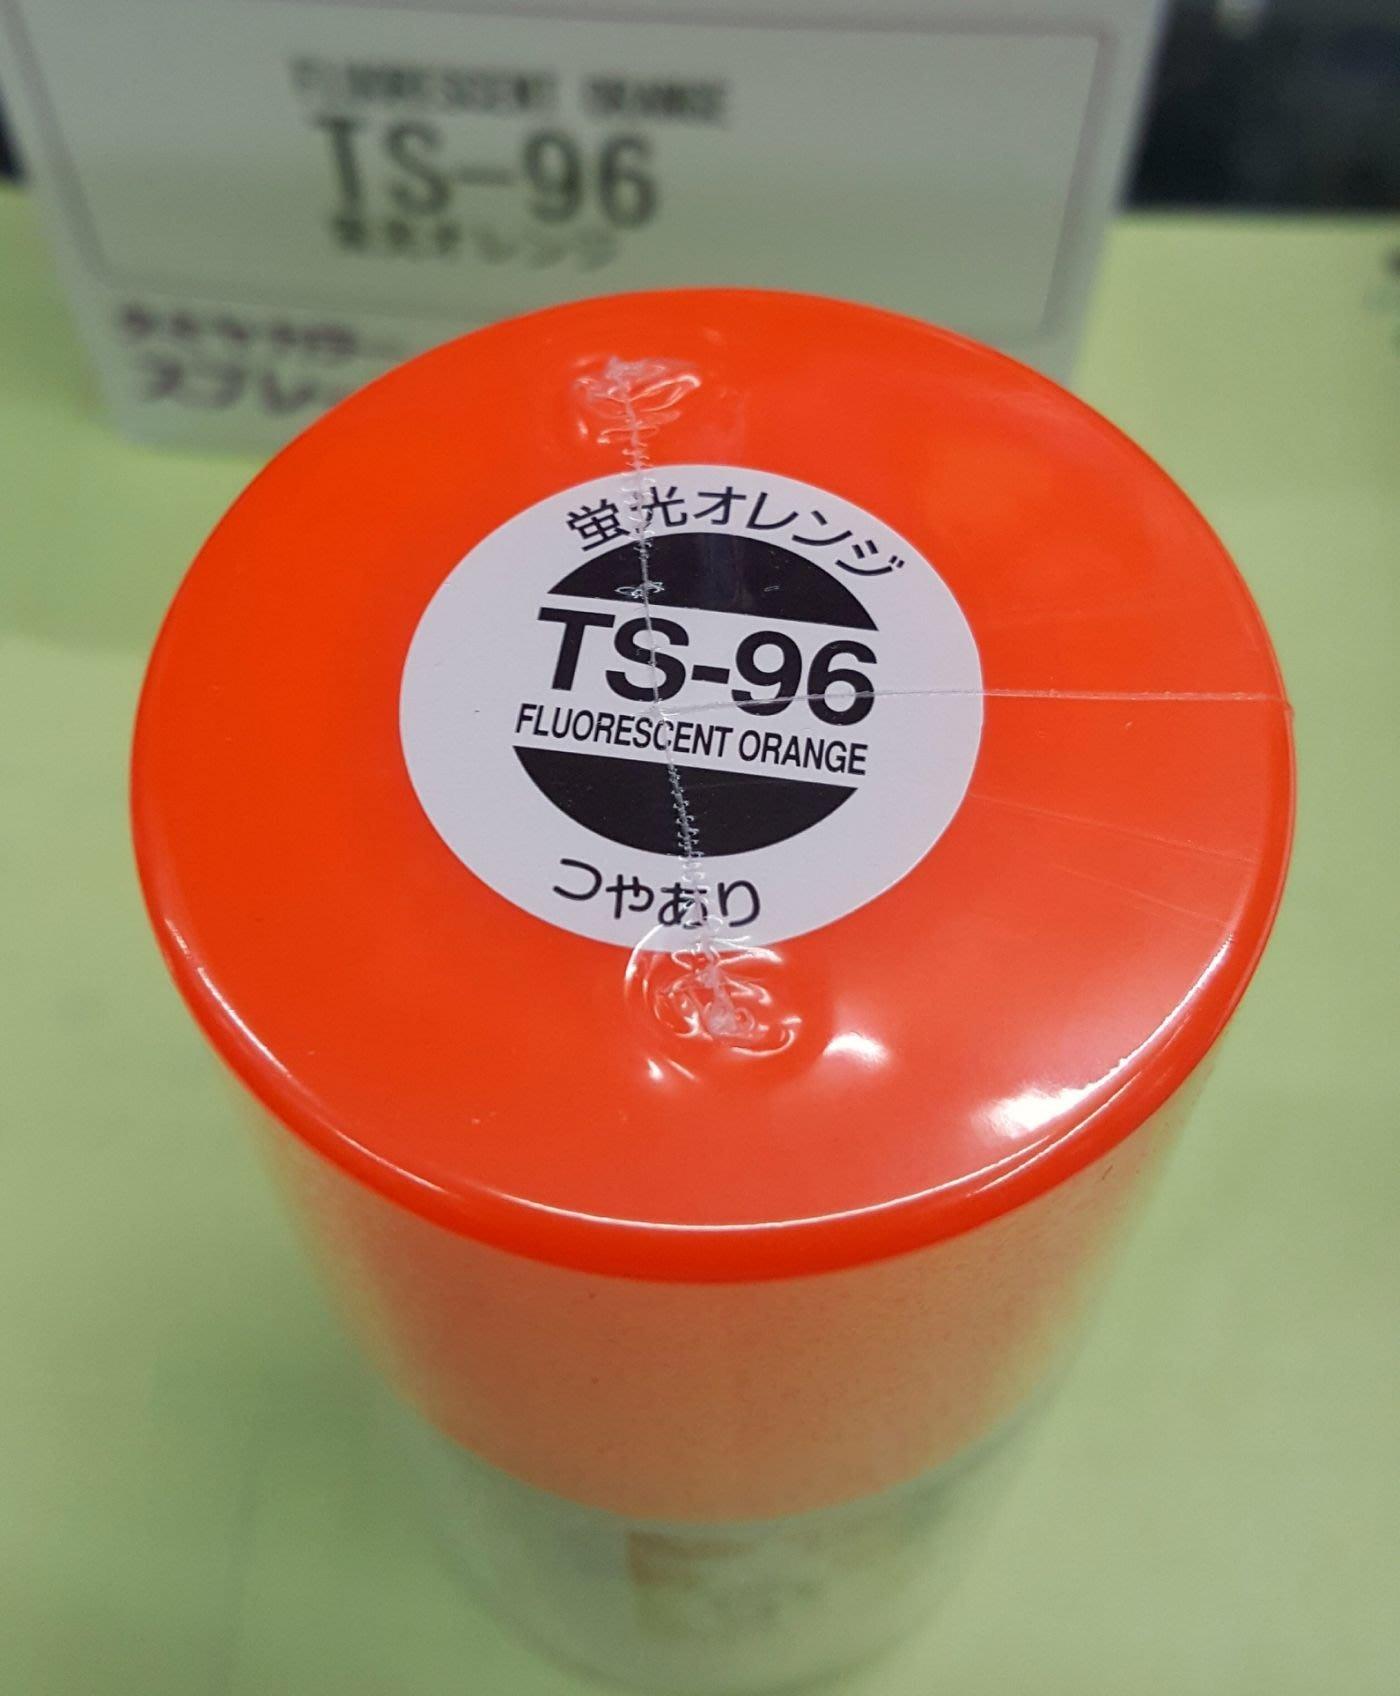 【鄭姐的店】日本 TAMIYA 模型專用噴漆 TS-96 螢光橘